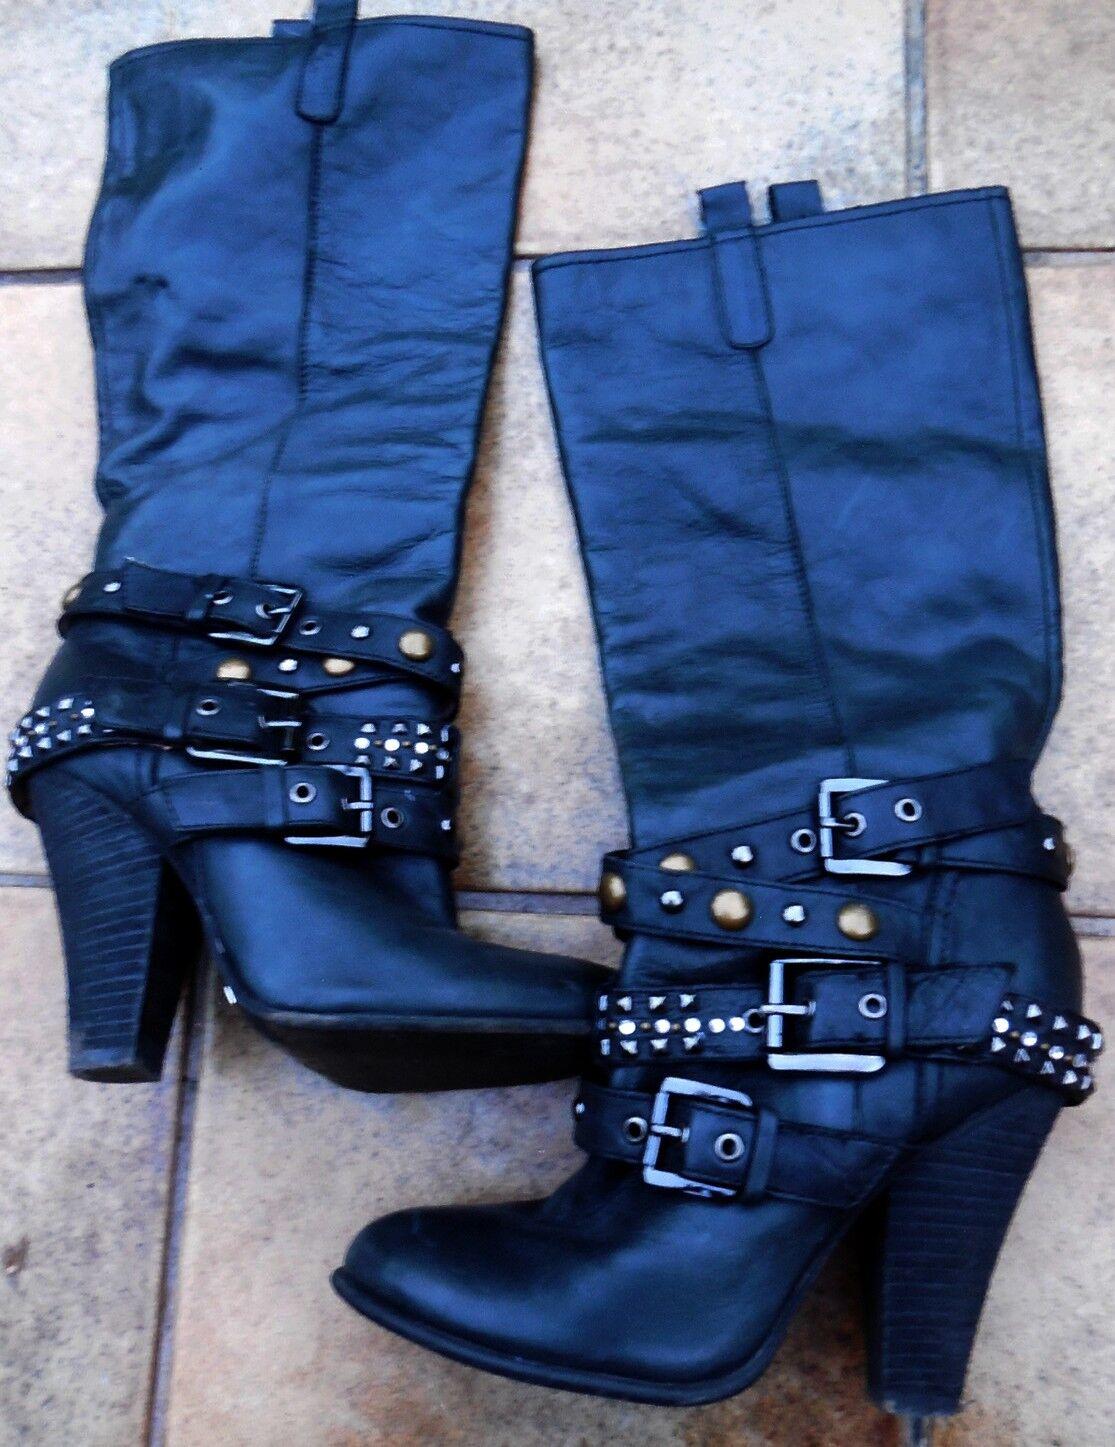 Ausgefallene Buffalo Rocker Stiefel für Harley Freunde in schwarz Gr 37,5